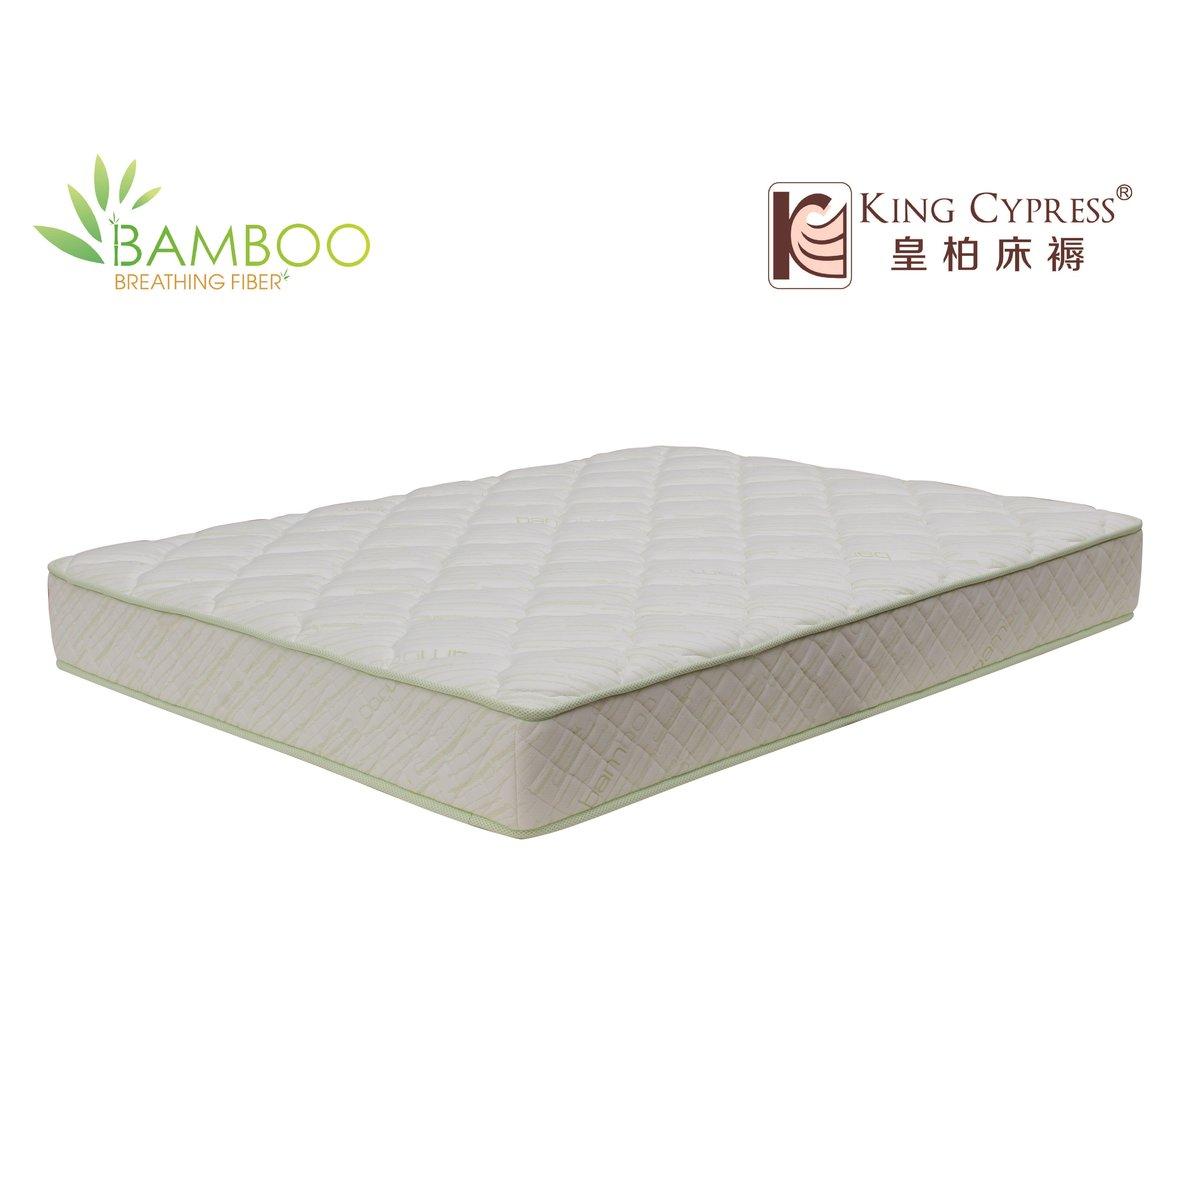 """(厚:5"""") BAMBOO™竹纖健脊ORTHOPEDIC™床褥 長:72""""X闊:30"""""""